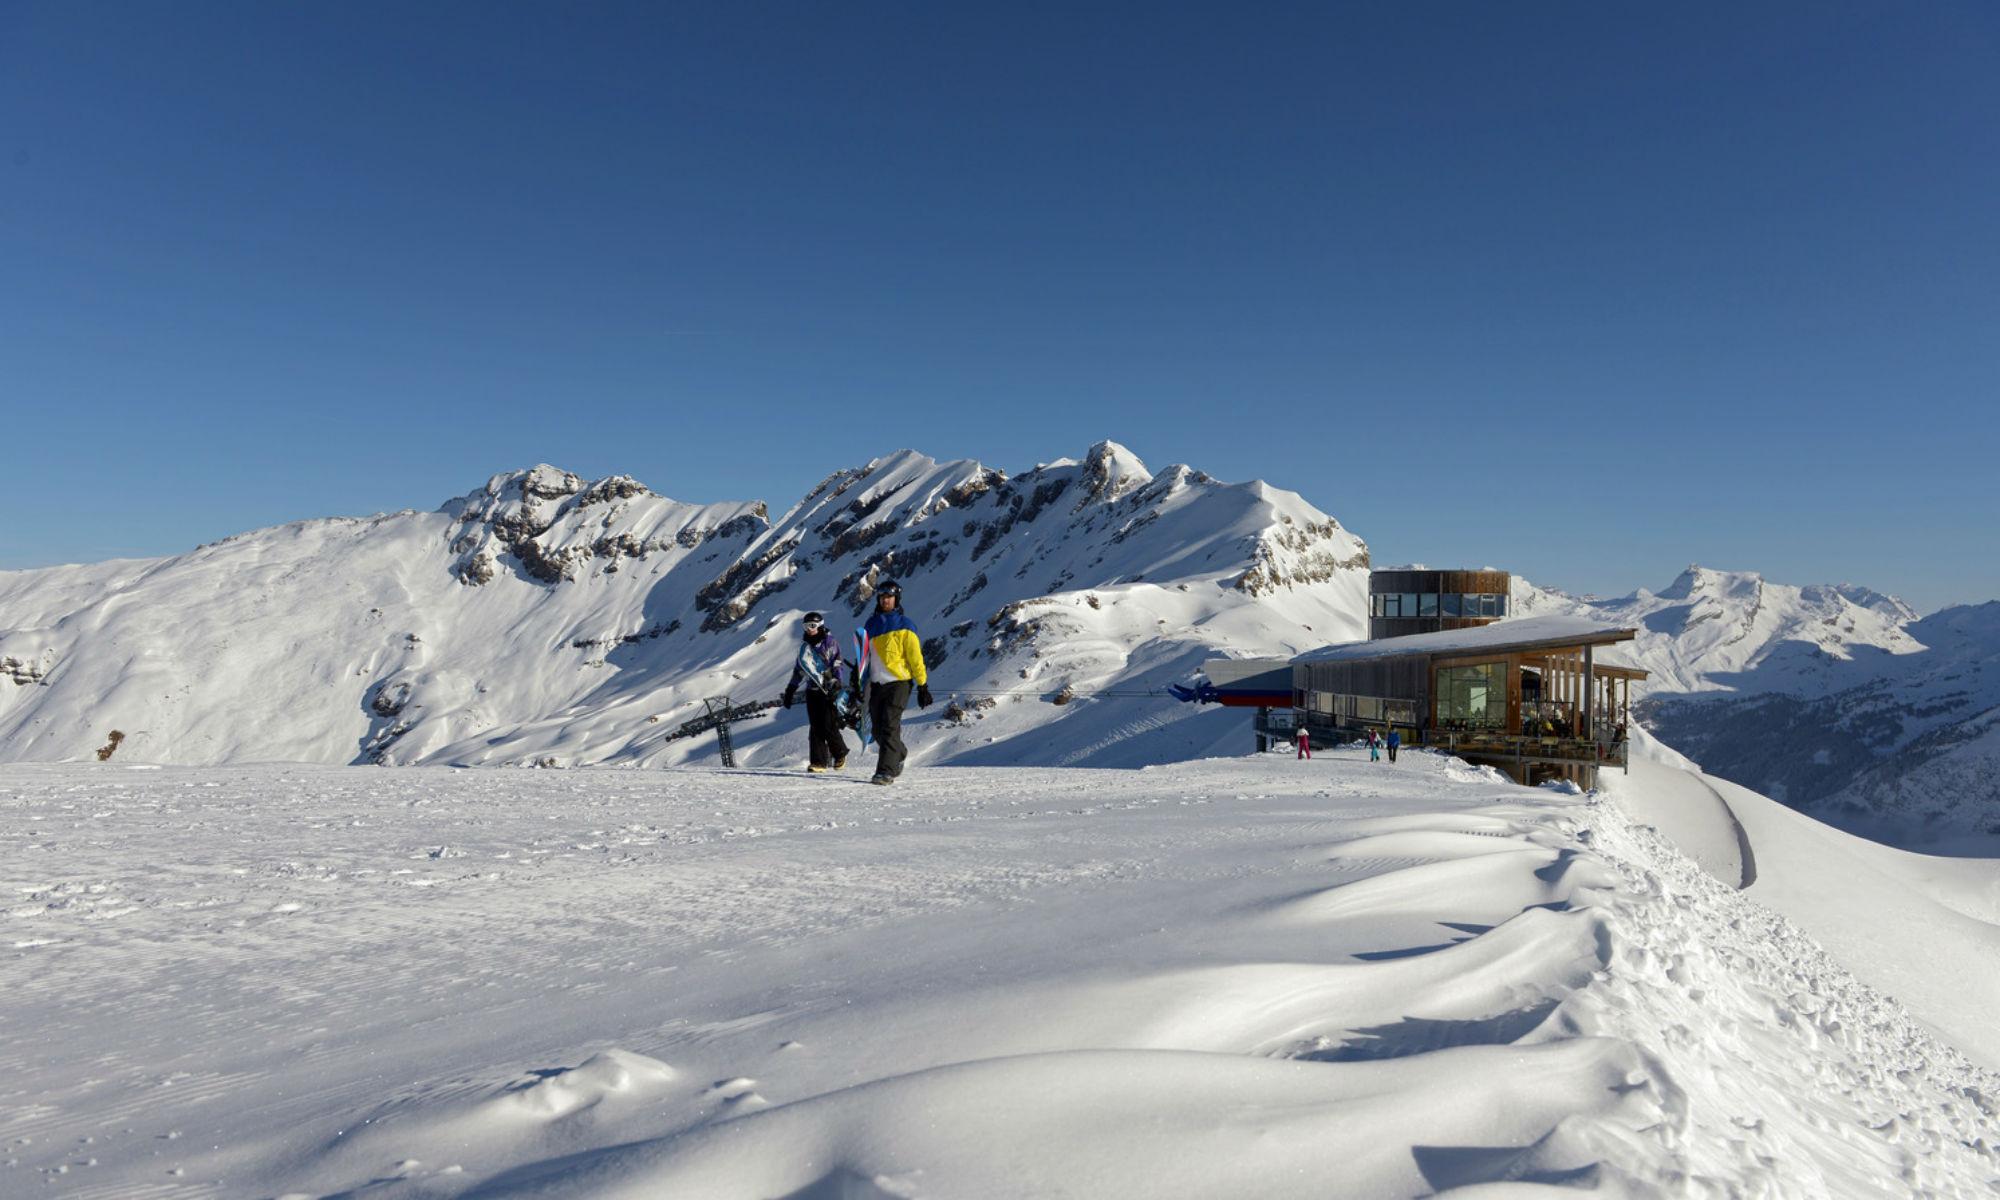 2 Erwachsene in Skiausrüstung vor einer Skiliftanlage in Meiringen-Hasliberg.